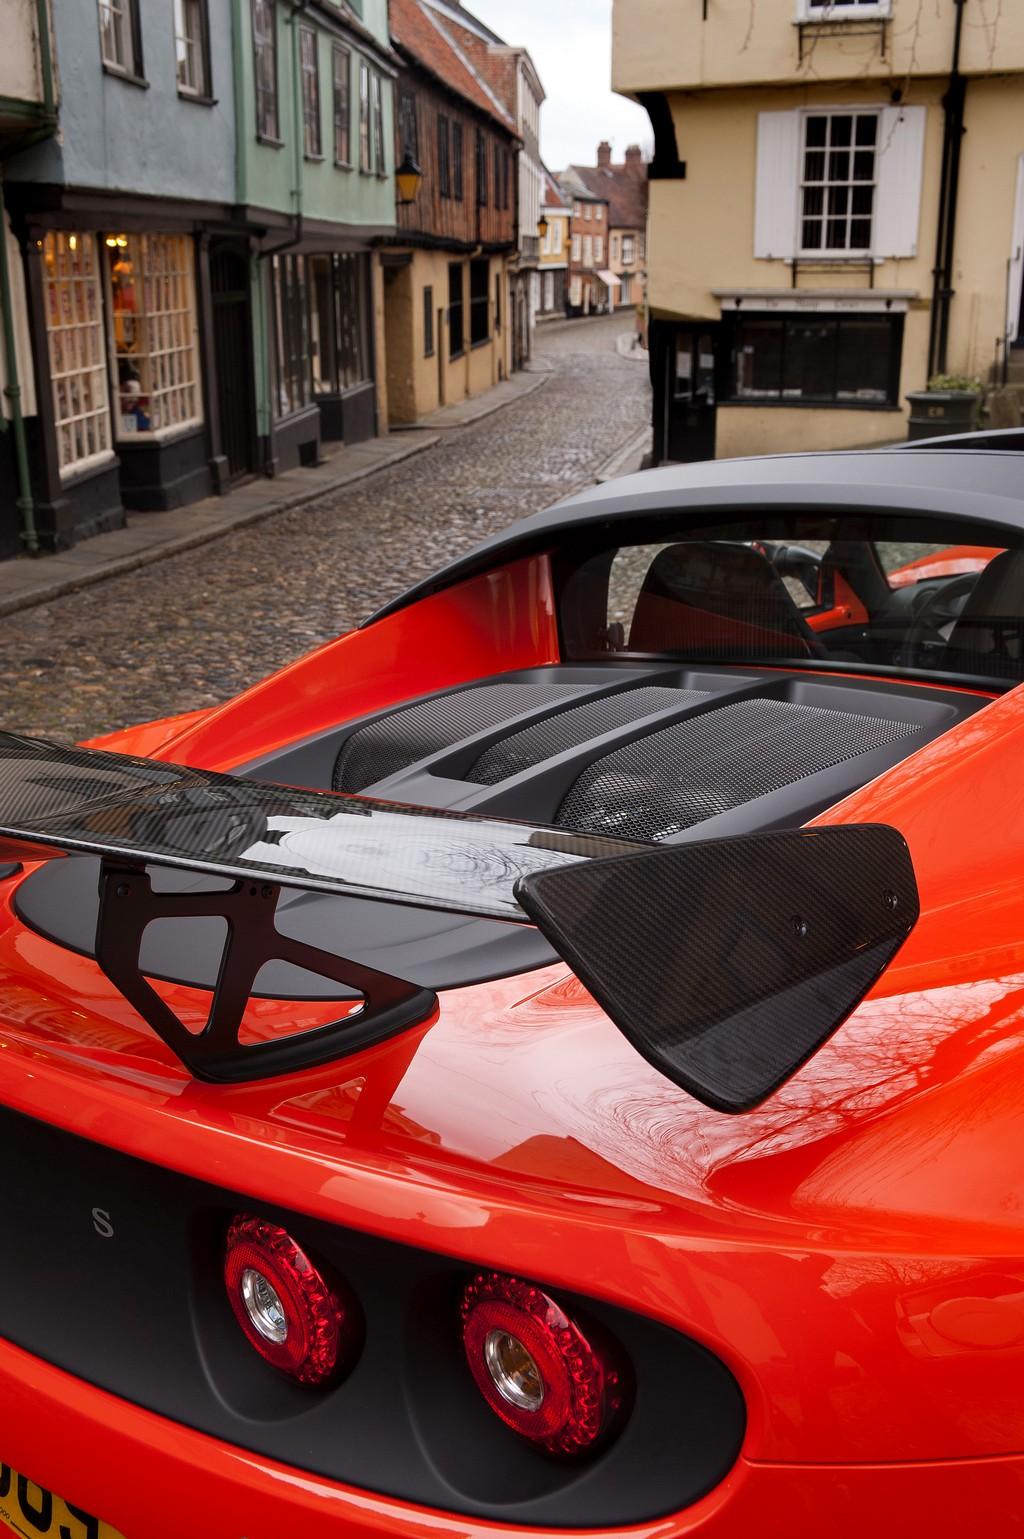 Lotus Elise CUP 250 Spoiler